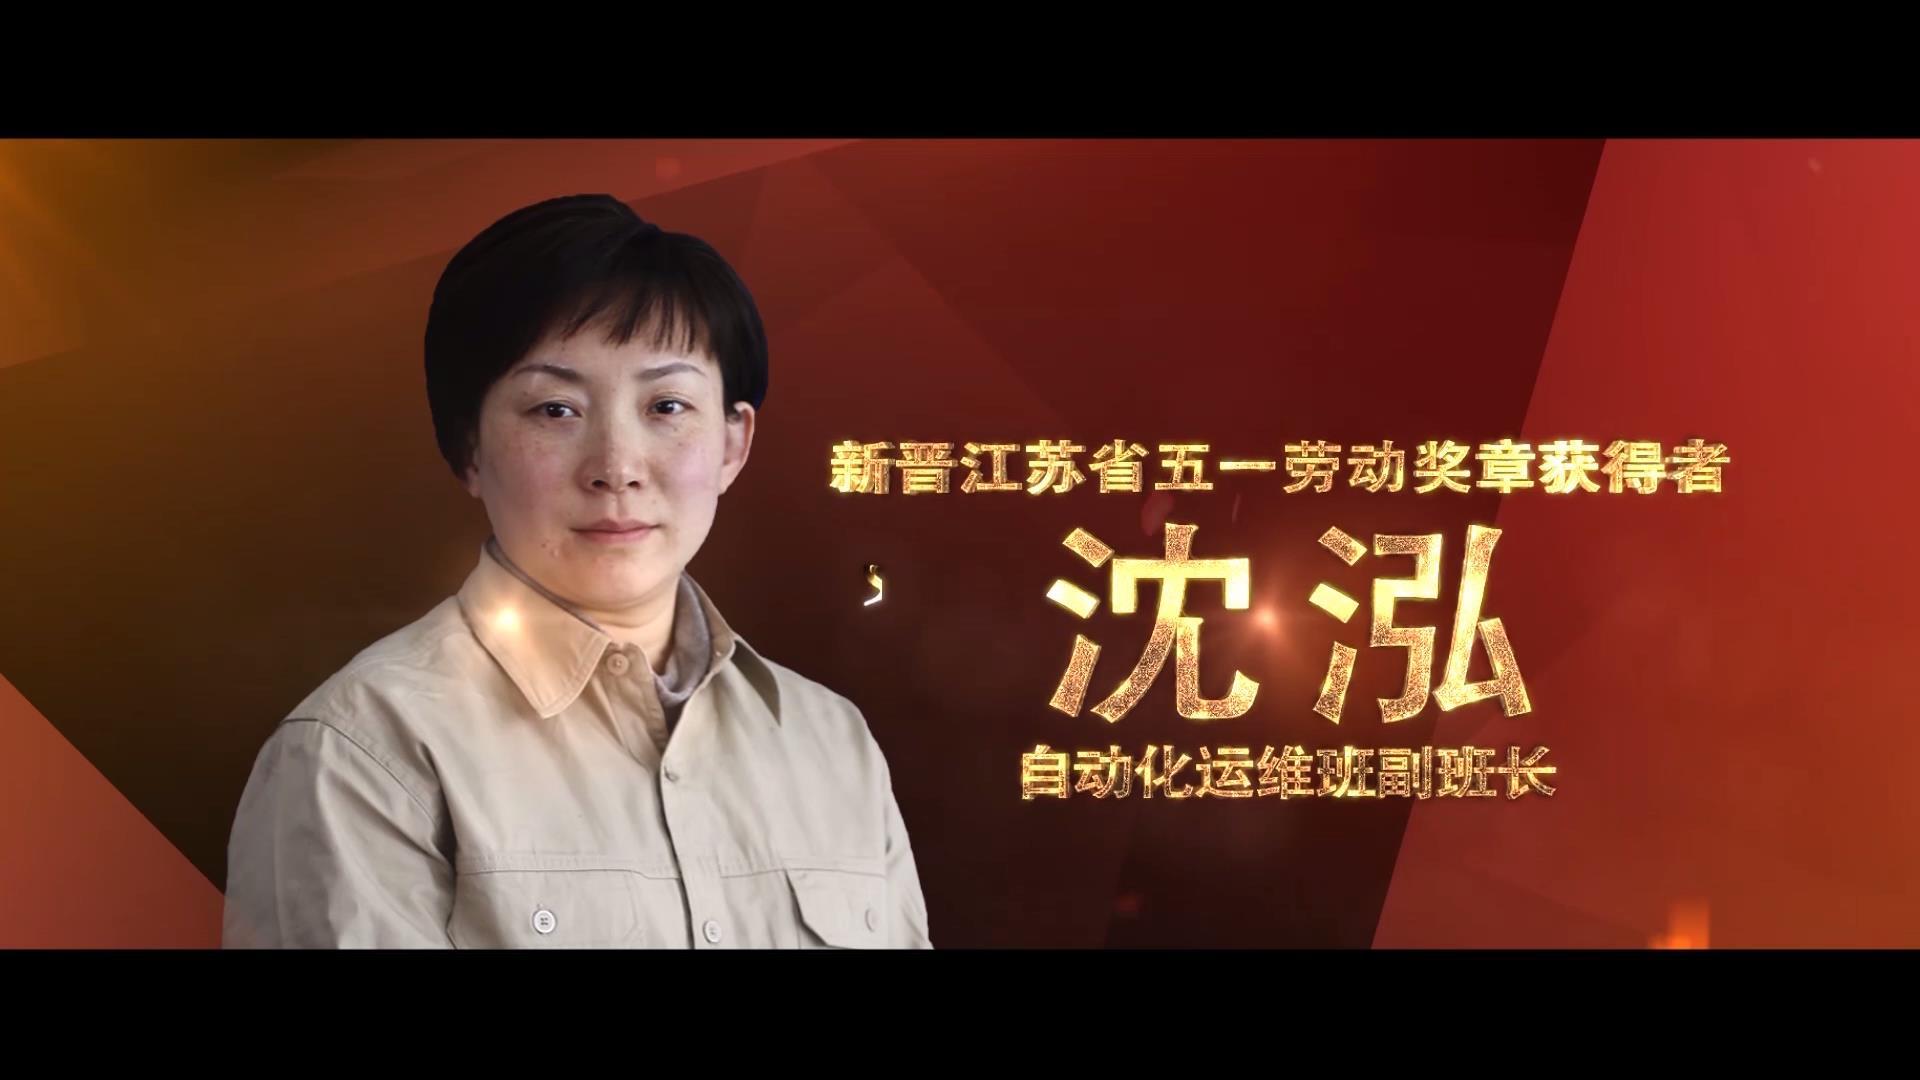 常州好人中国视频7月[00_00_10][20190715-101206].jpg